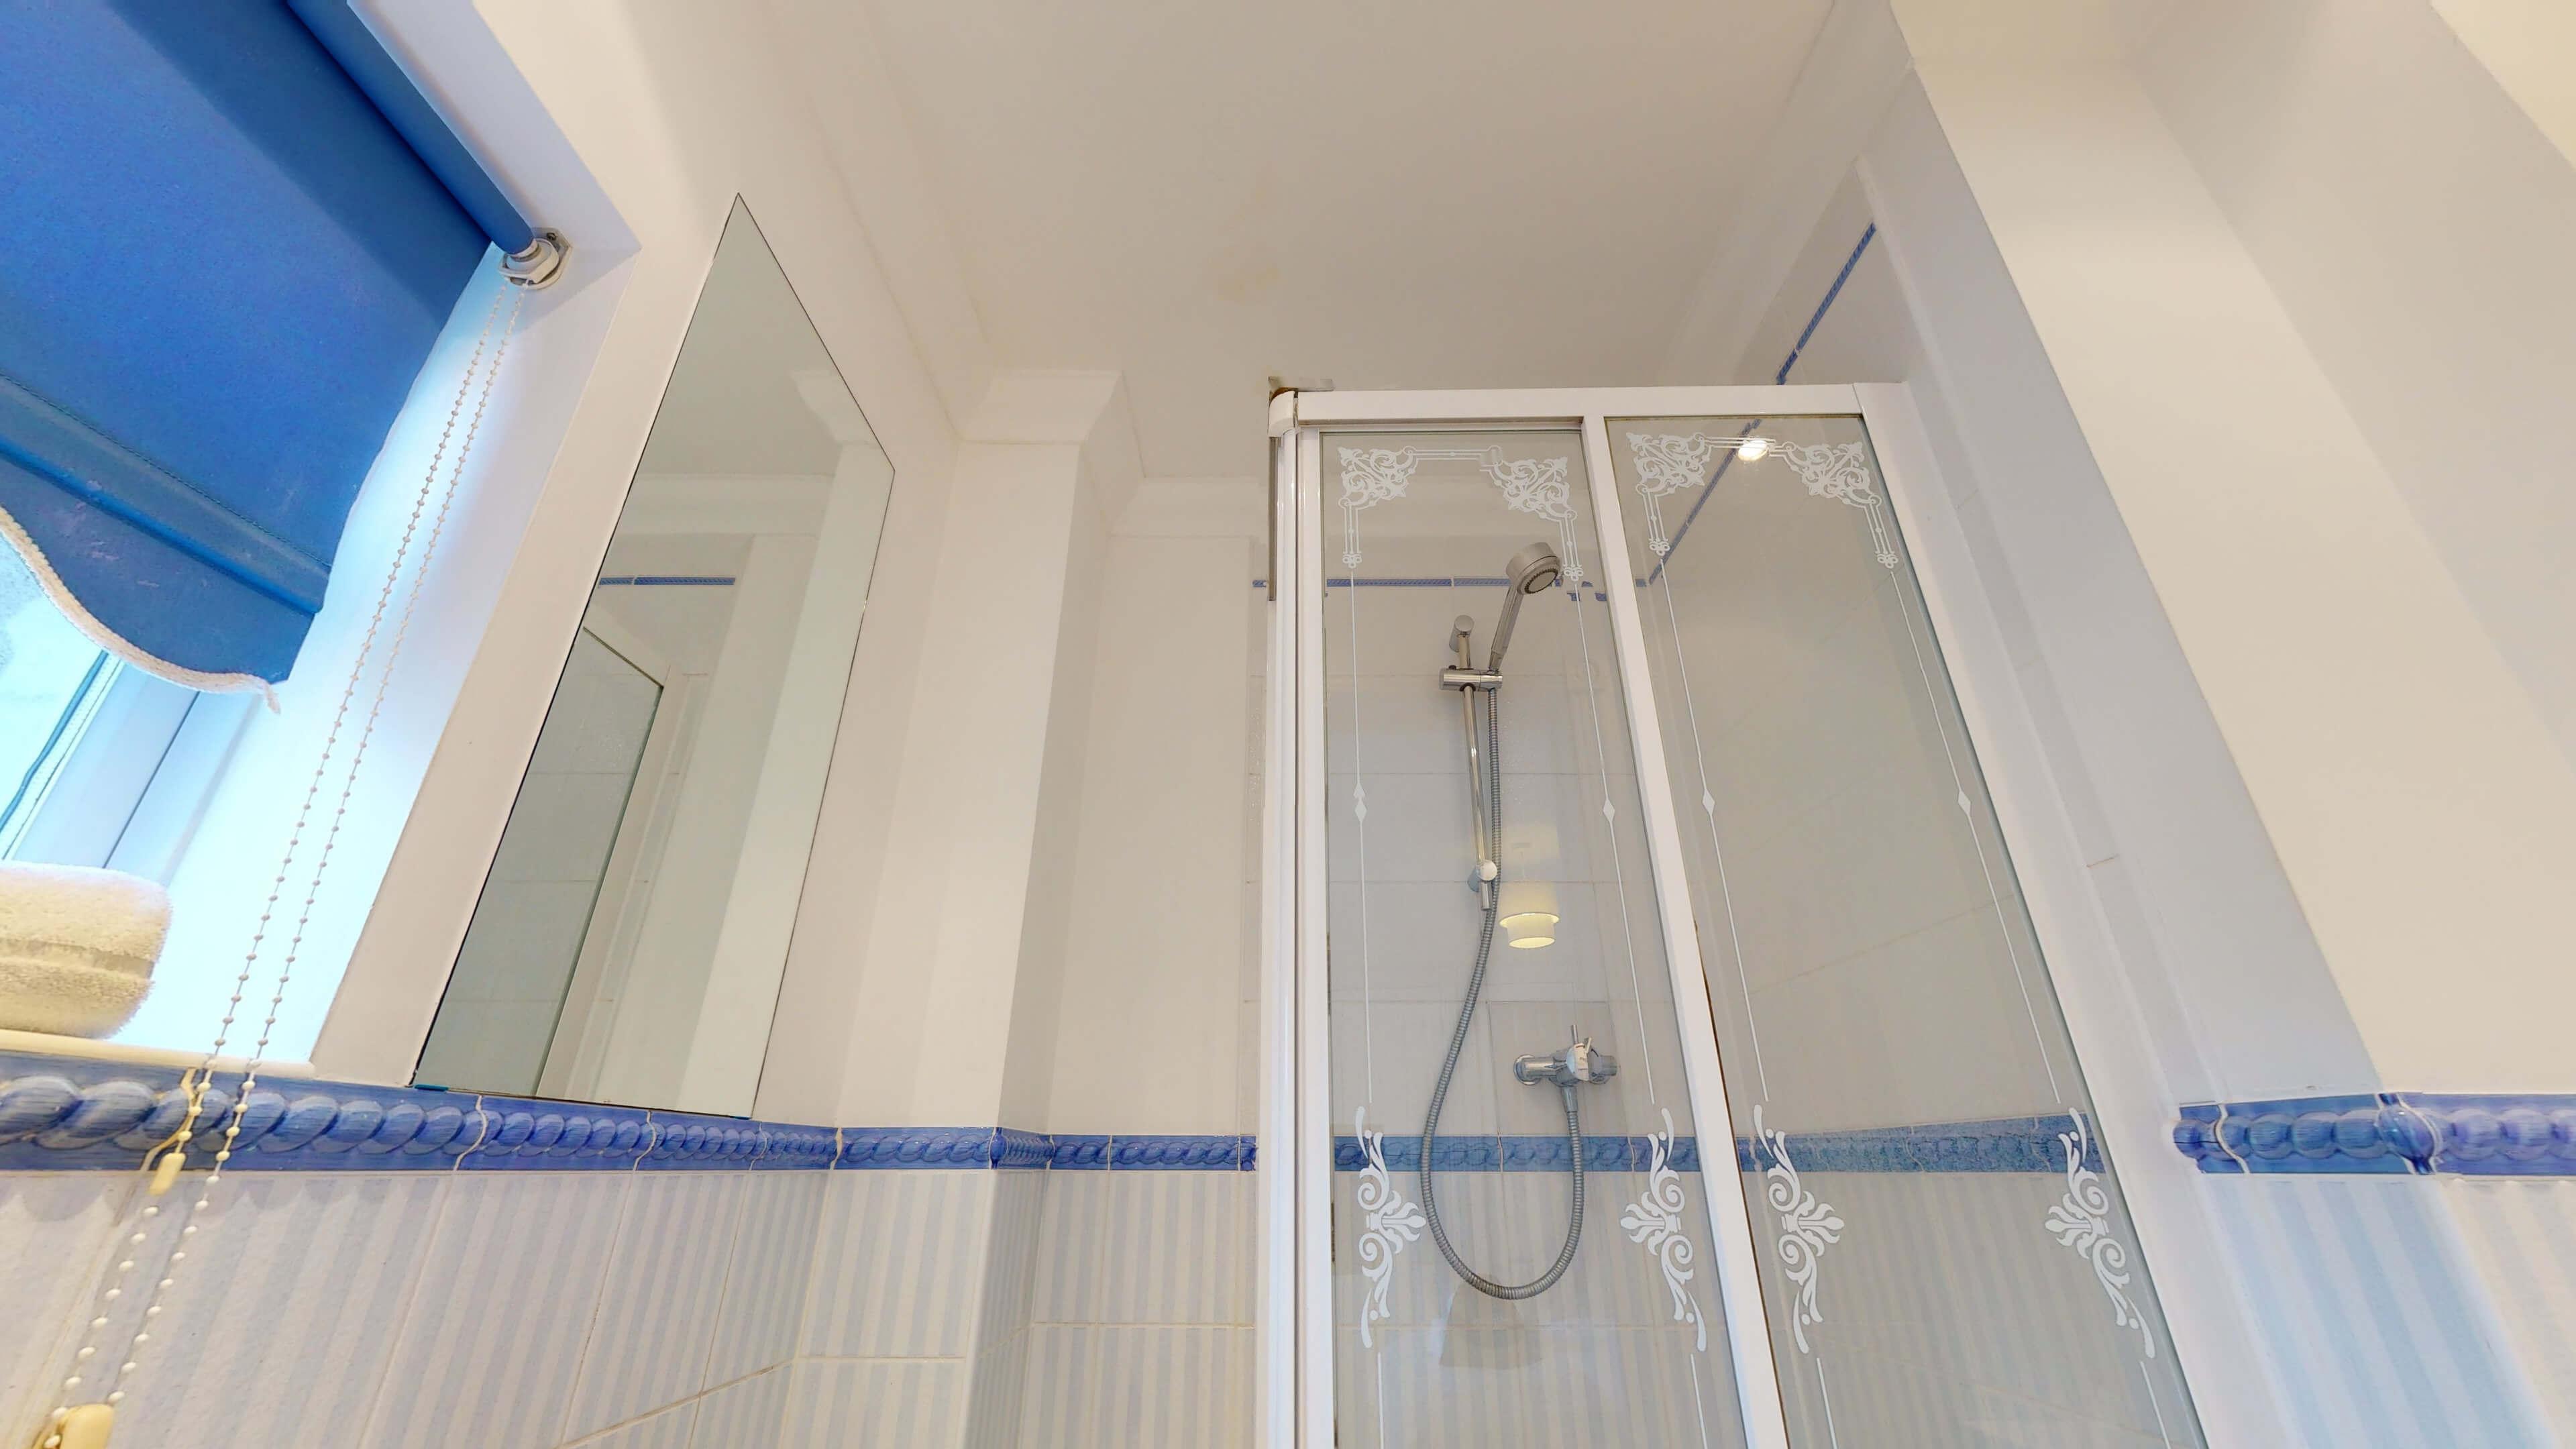 Rewley Road Oxford 2 Bed Rewley Road Bathroom 1 Shower